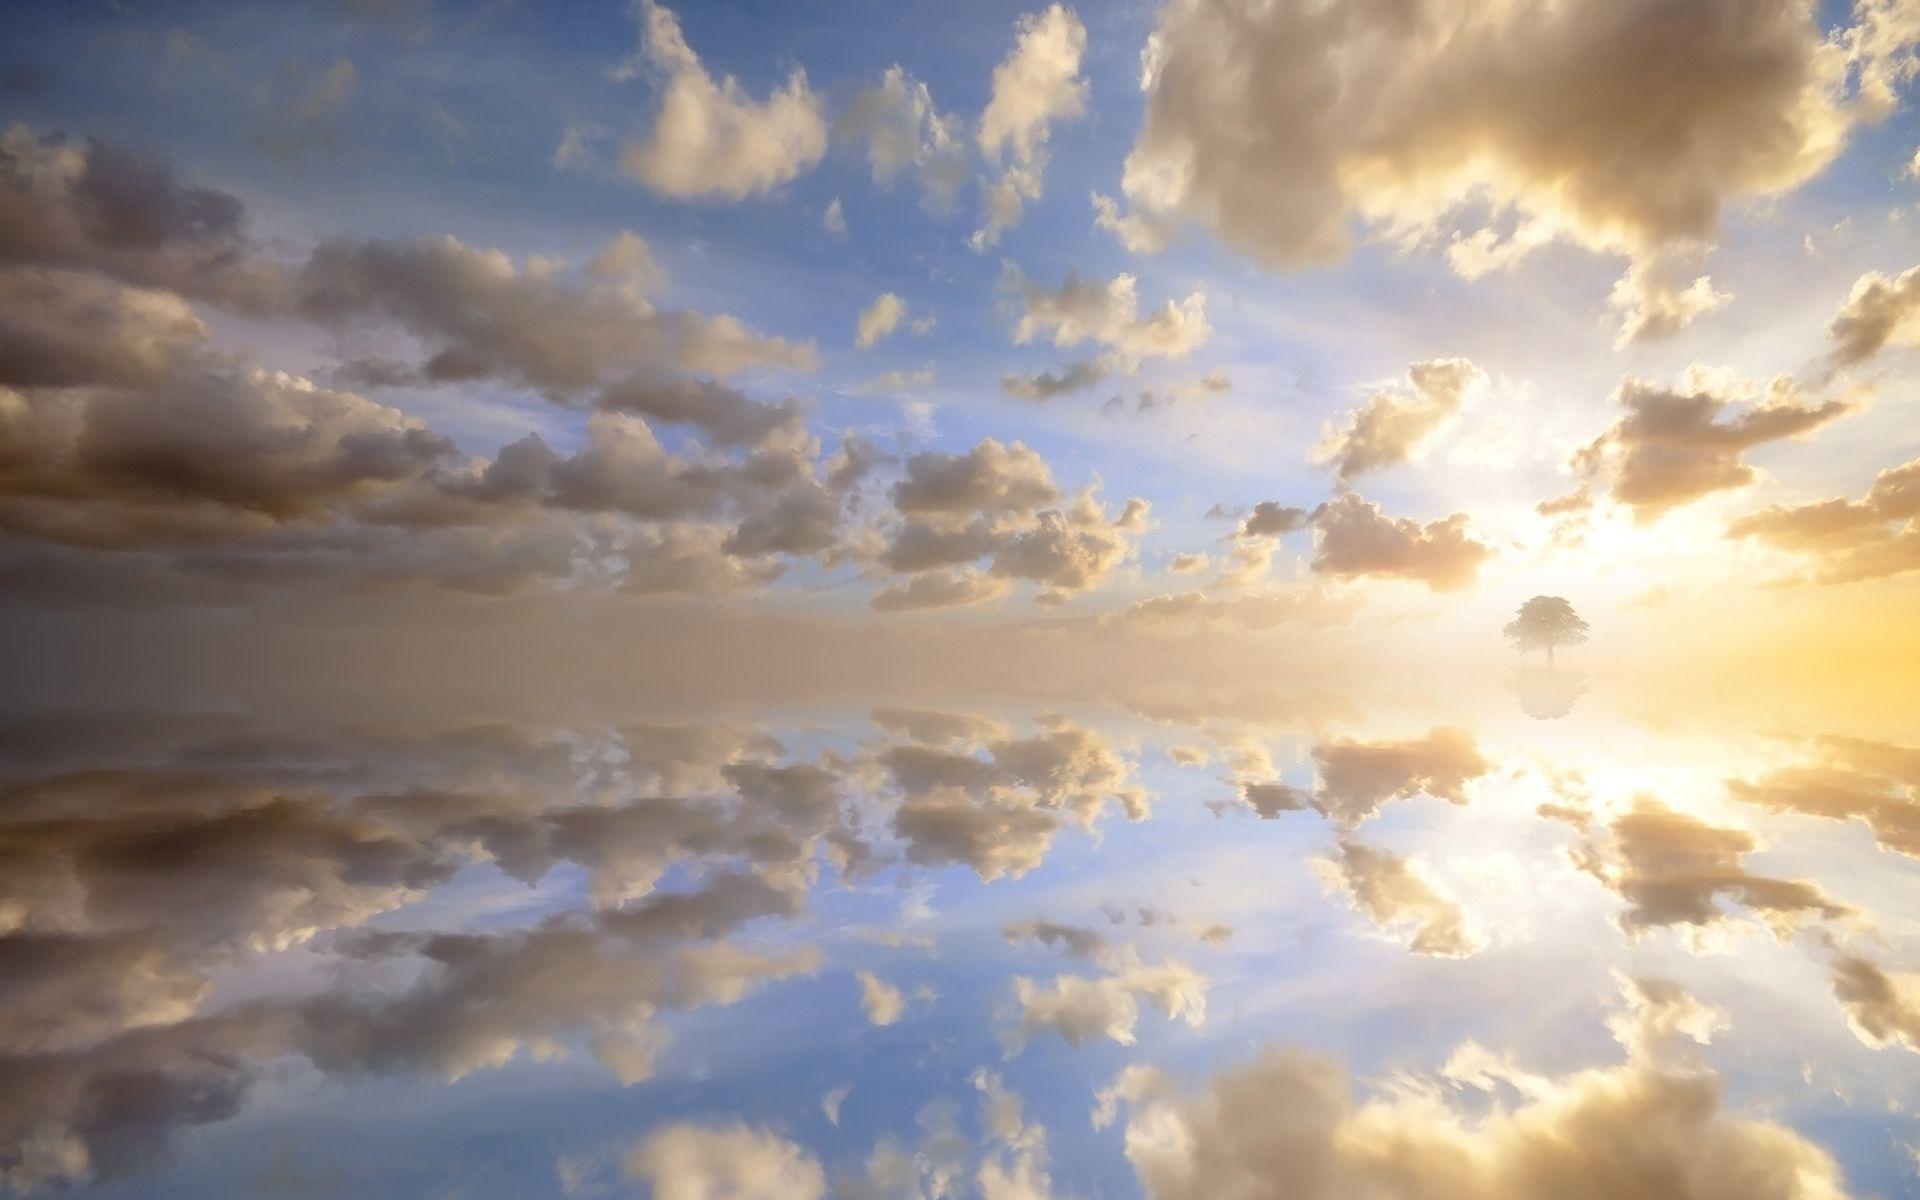 Wallpapers Heaven Heaven Wallpaper Sky Textures Sky Aesthetic